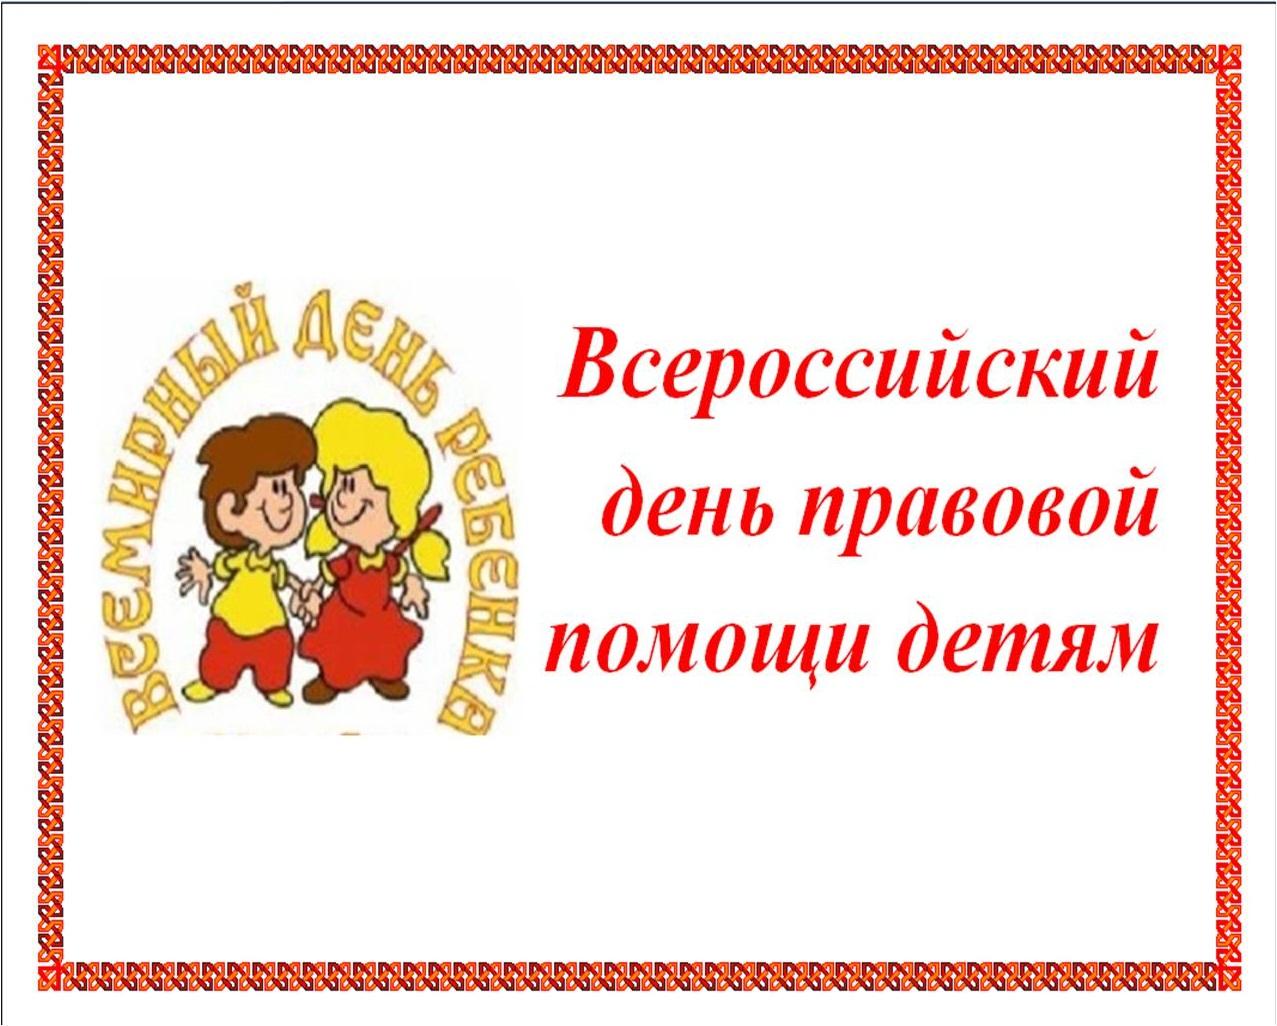 День правовой помощи детям пройдет вСергиевом Посаде